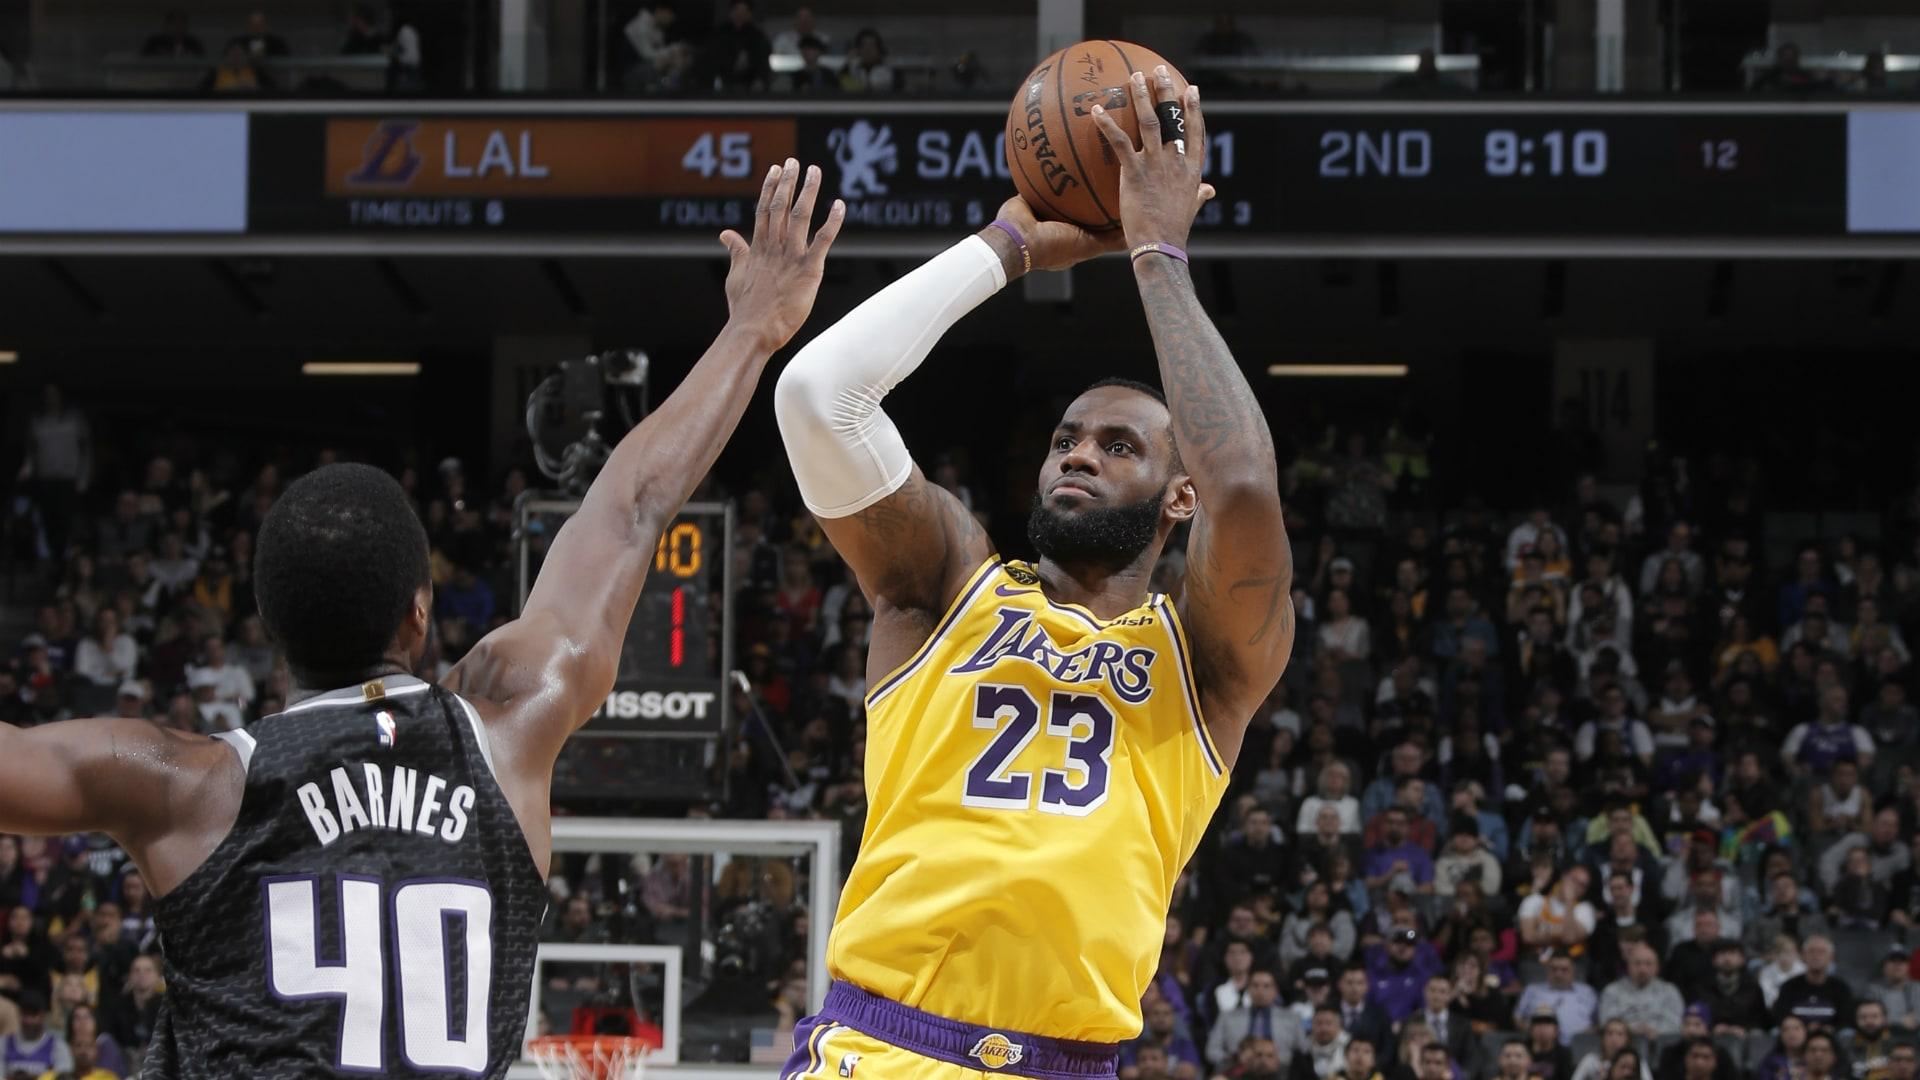 Lakers @ Kings